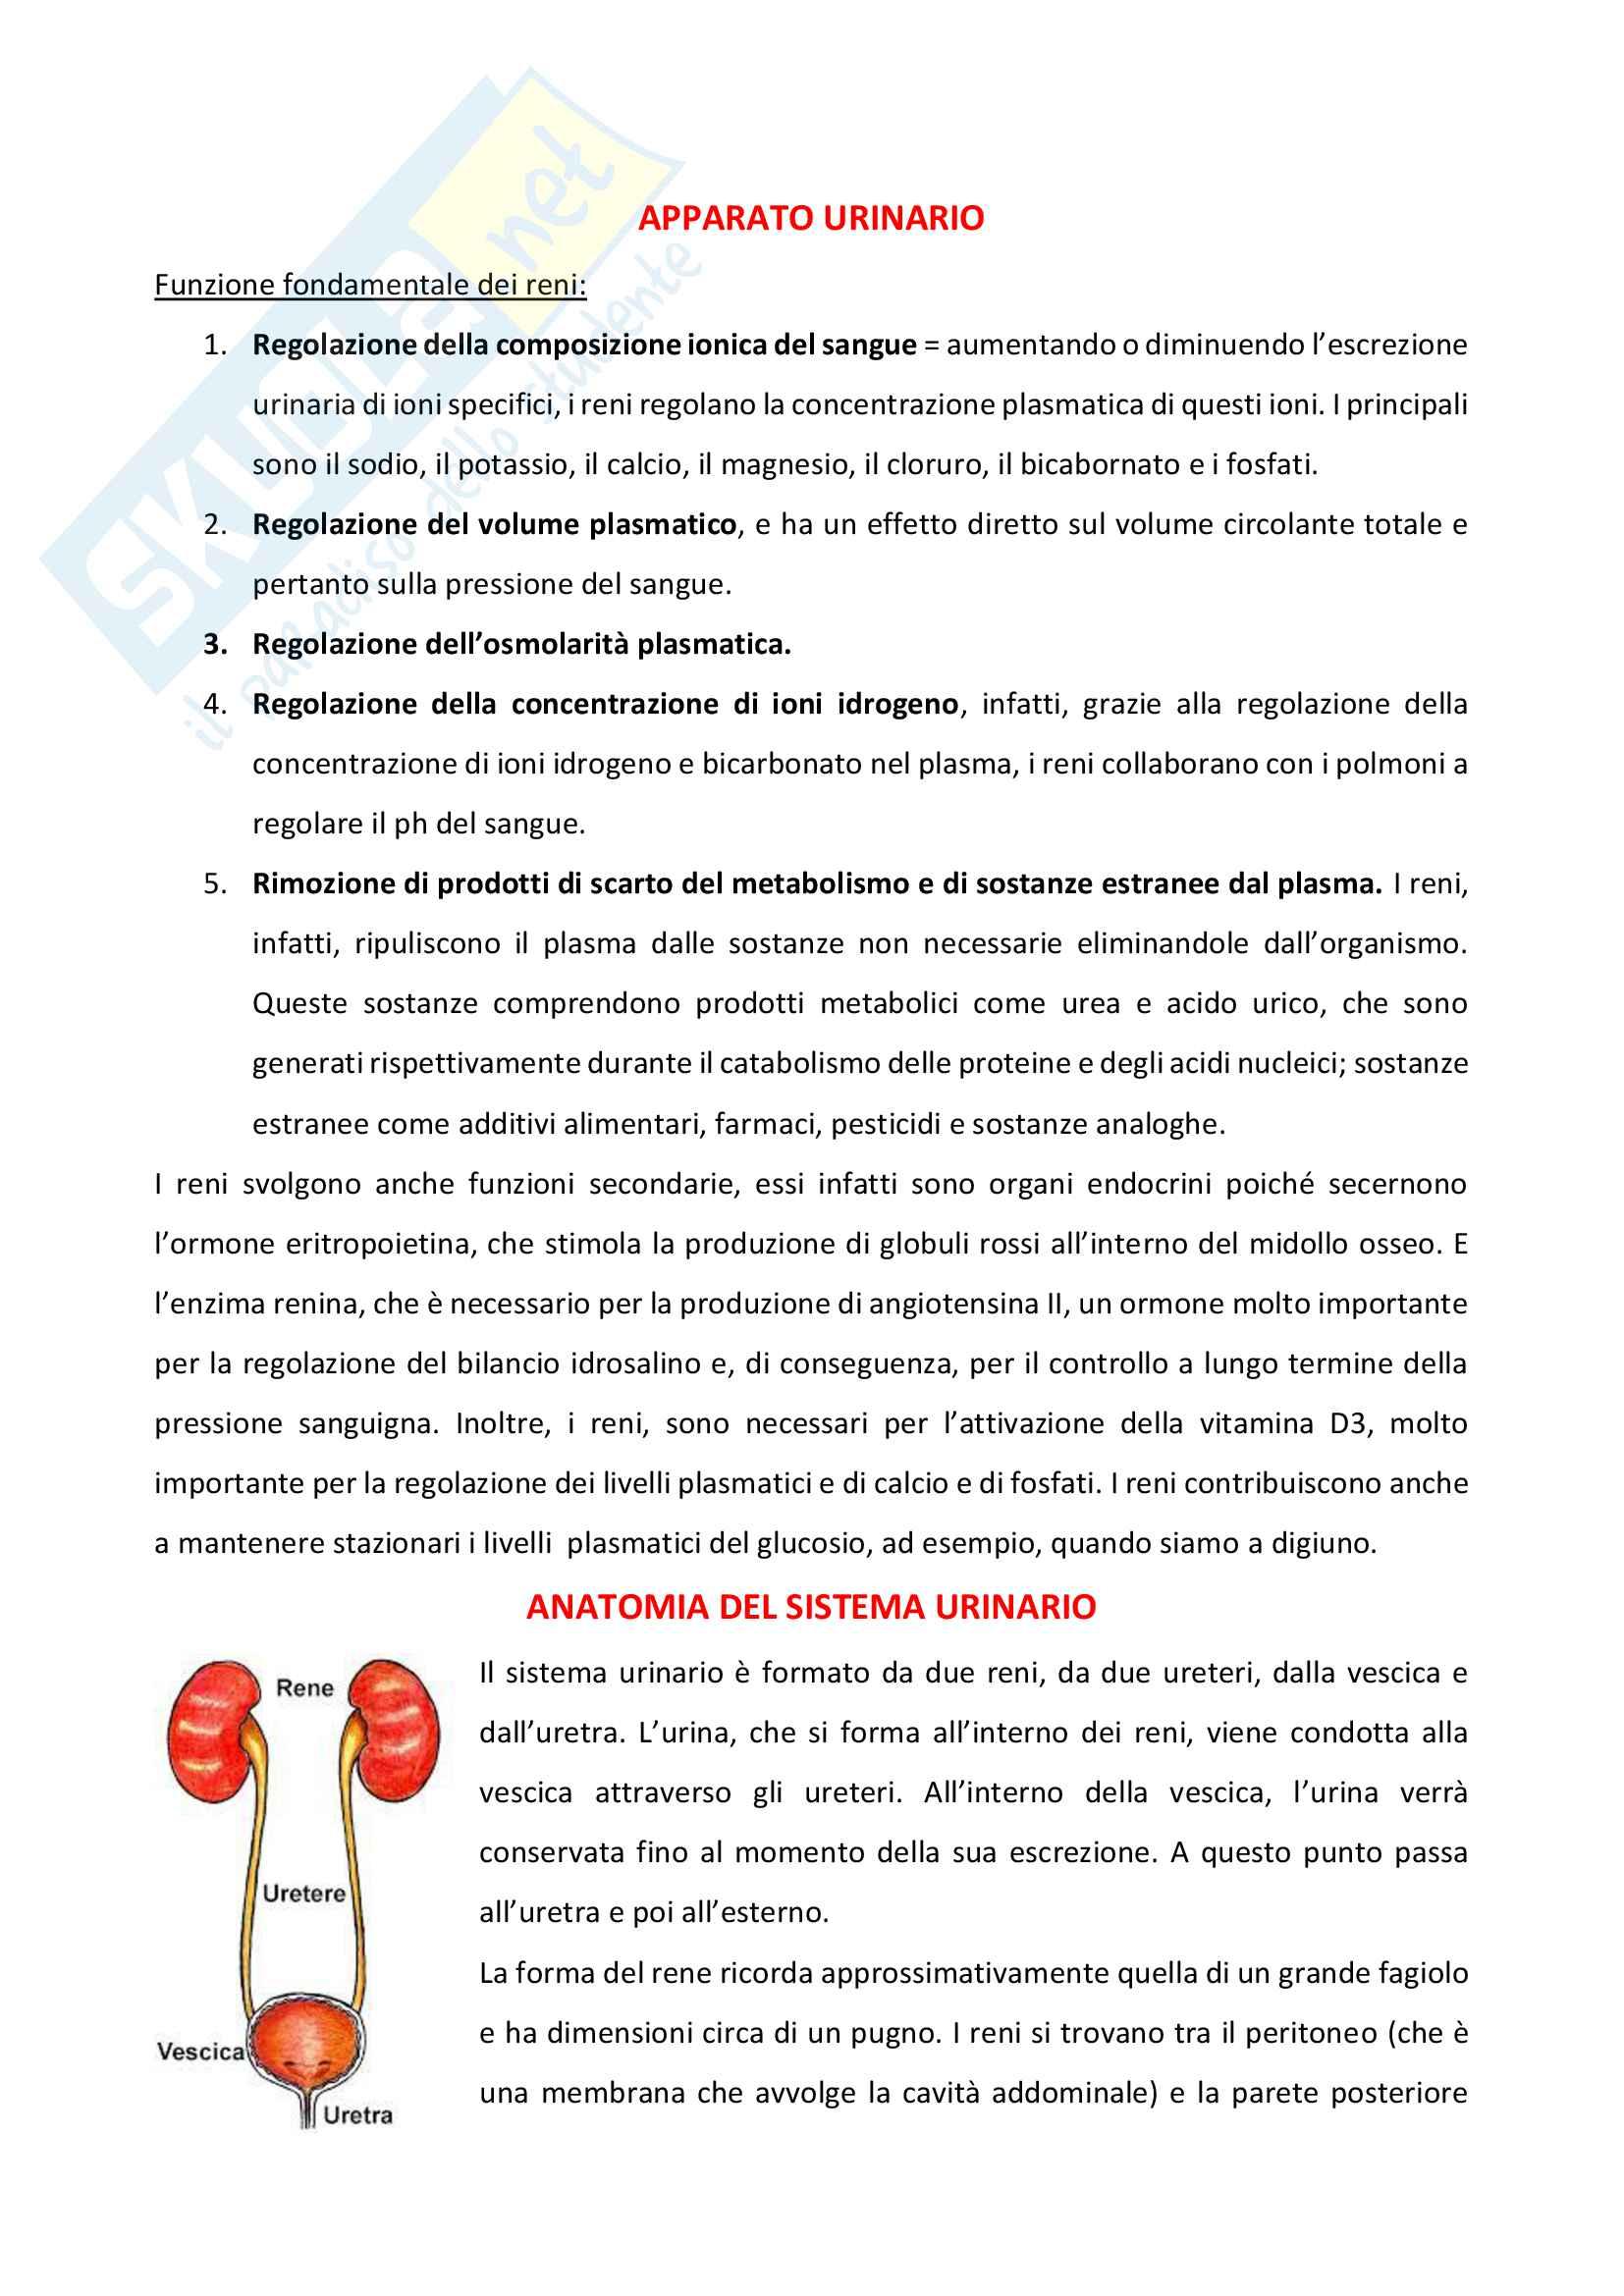 Appunti di Anatomia e Fisiologia dell'apparato urinario